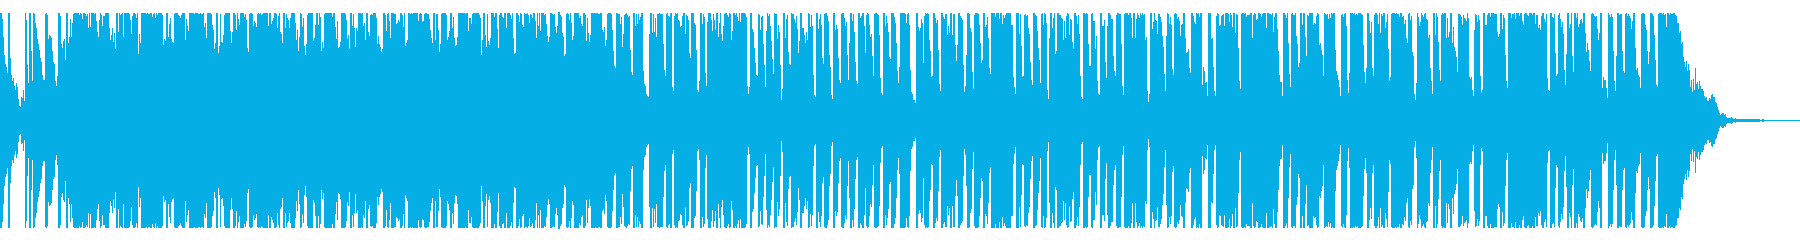 弾けて踊ろう スカ ロックの再生済みの波形